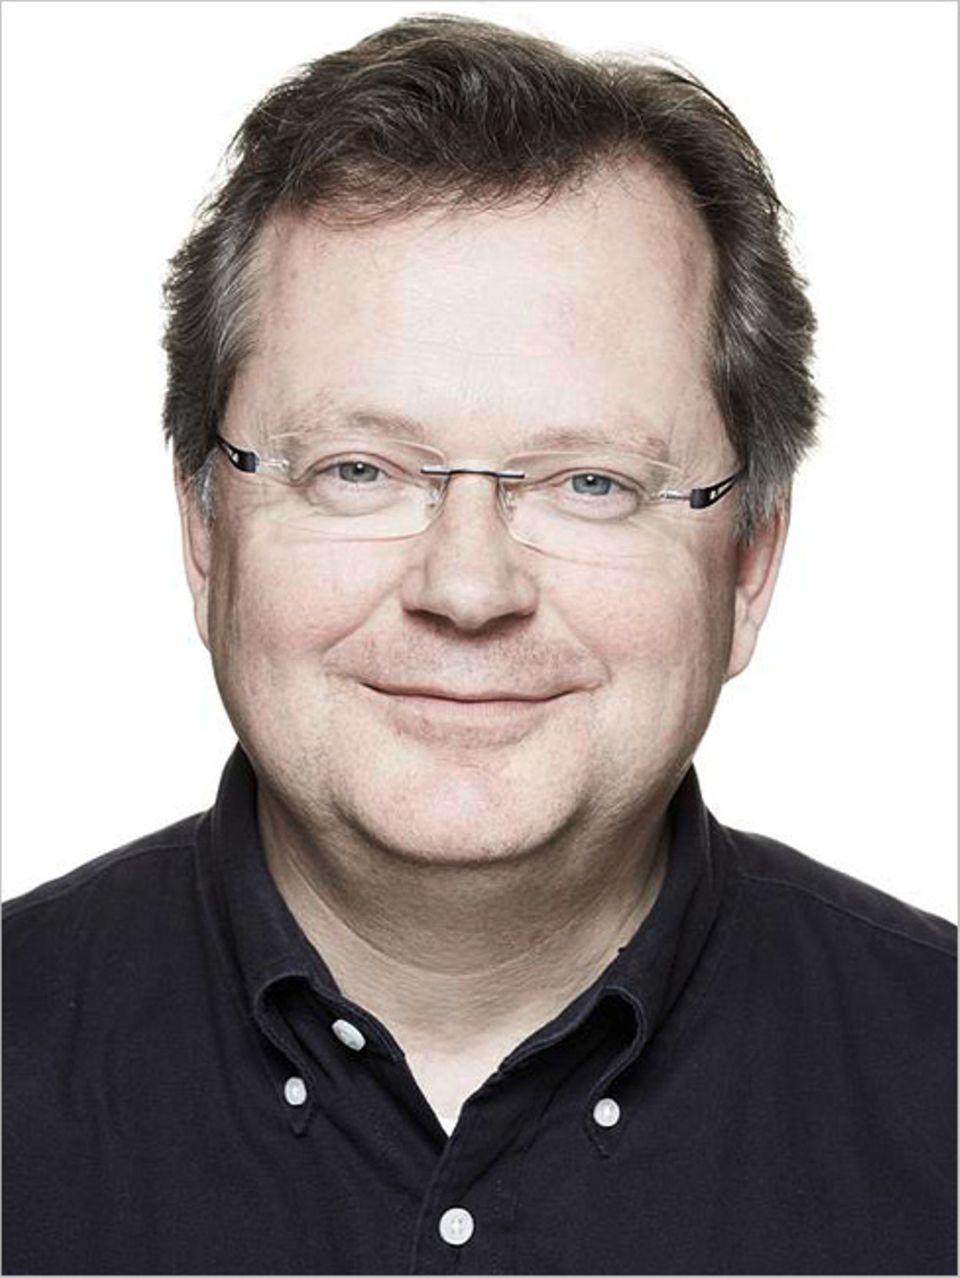 Mecklenburg-Vorpommern: Nicht nur einen Ort zum Abhängen, fand GEO-SAISON Autor Bert Gamerschlag in Mecklenburg-Vorpommern